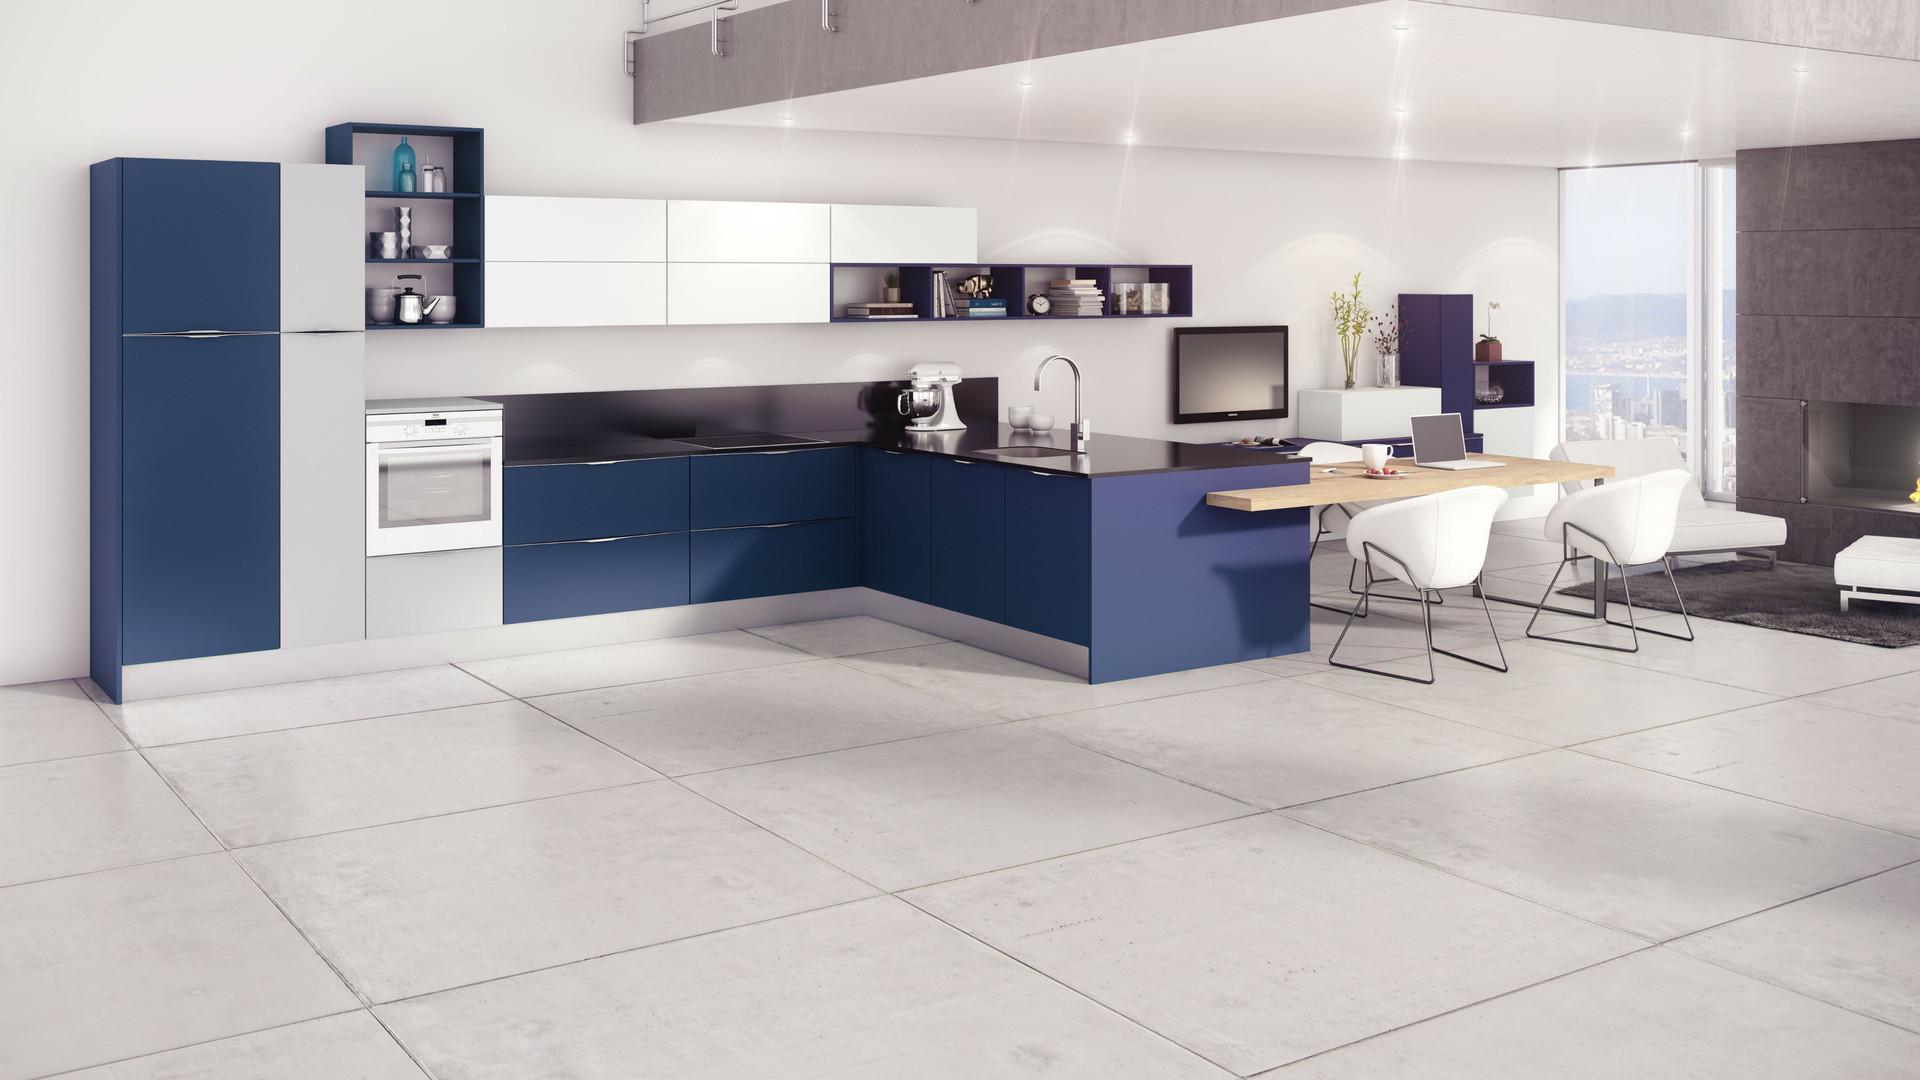 11 - Cocina Fenix Azul Noche + Gris Clar